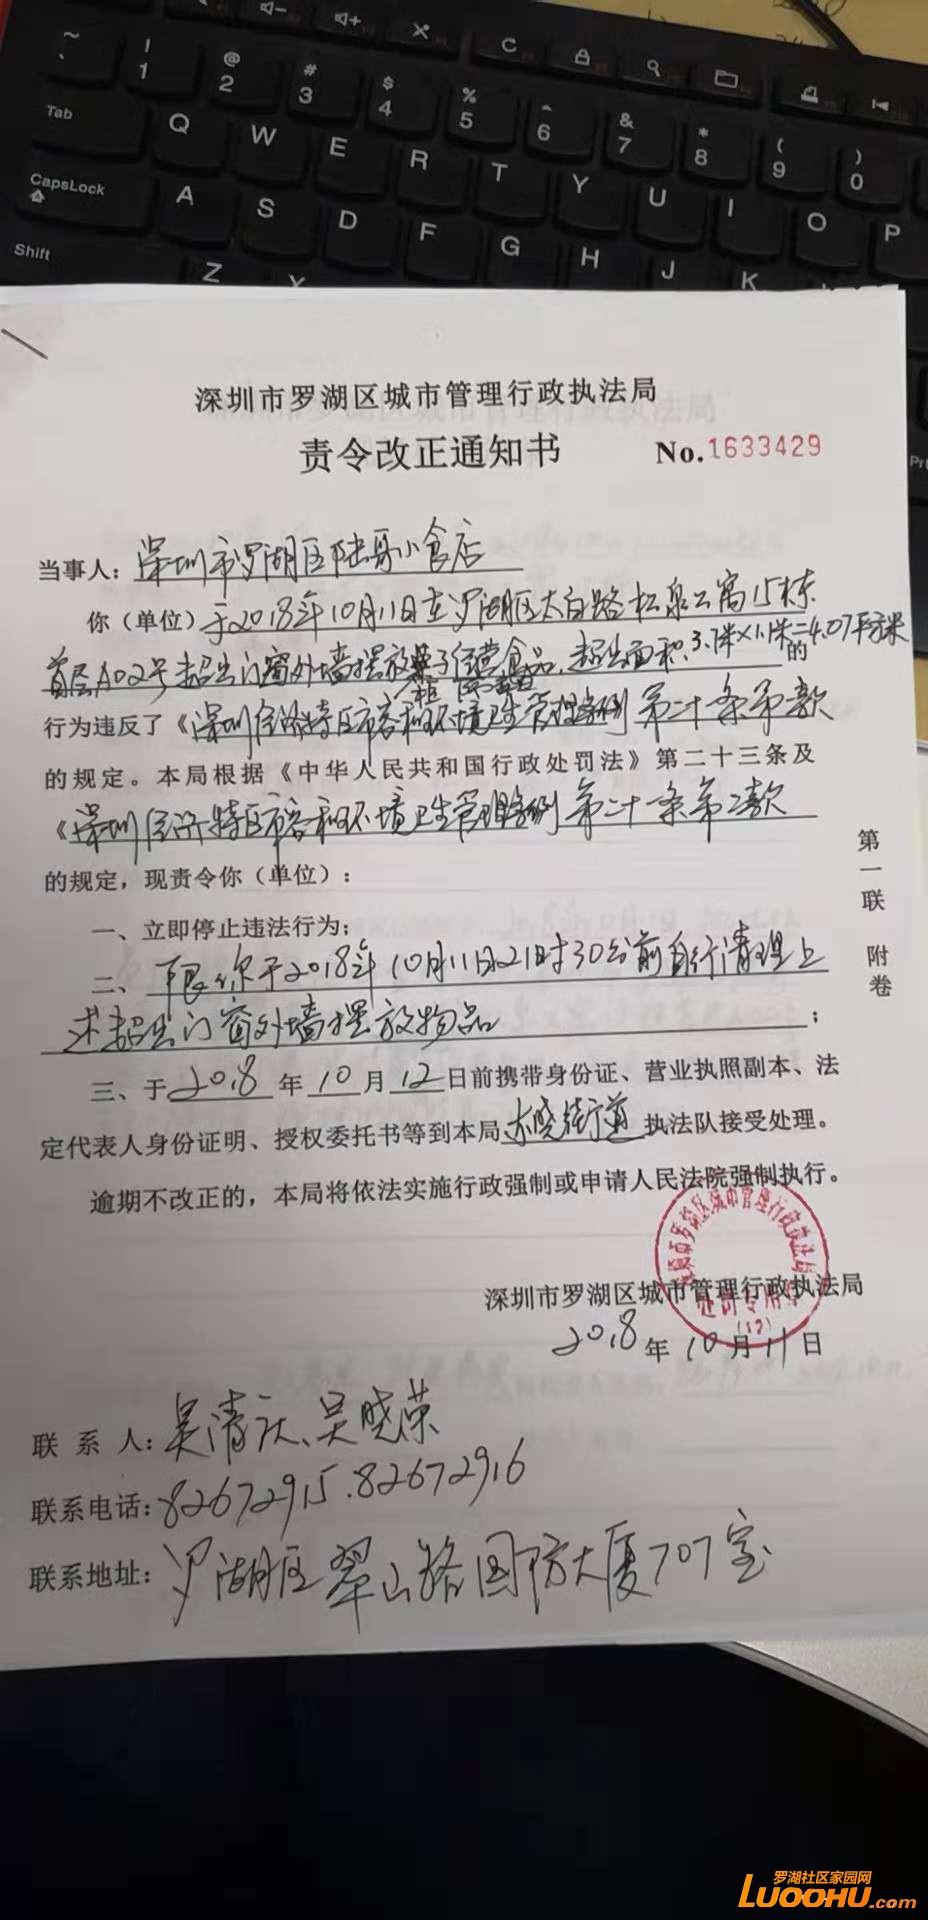 """松泉公寓15栋东侧的""""陆哥小食店""""深夜扰民望尽快取缔!.jpg"""